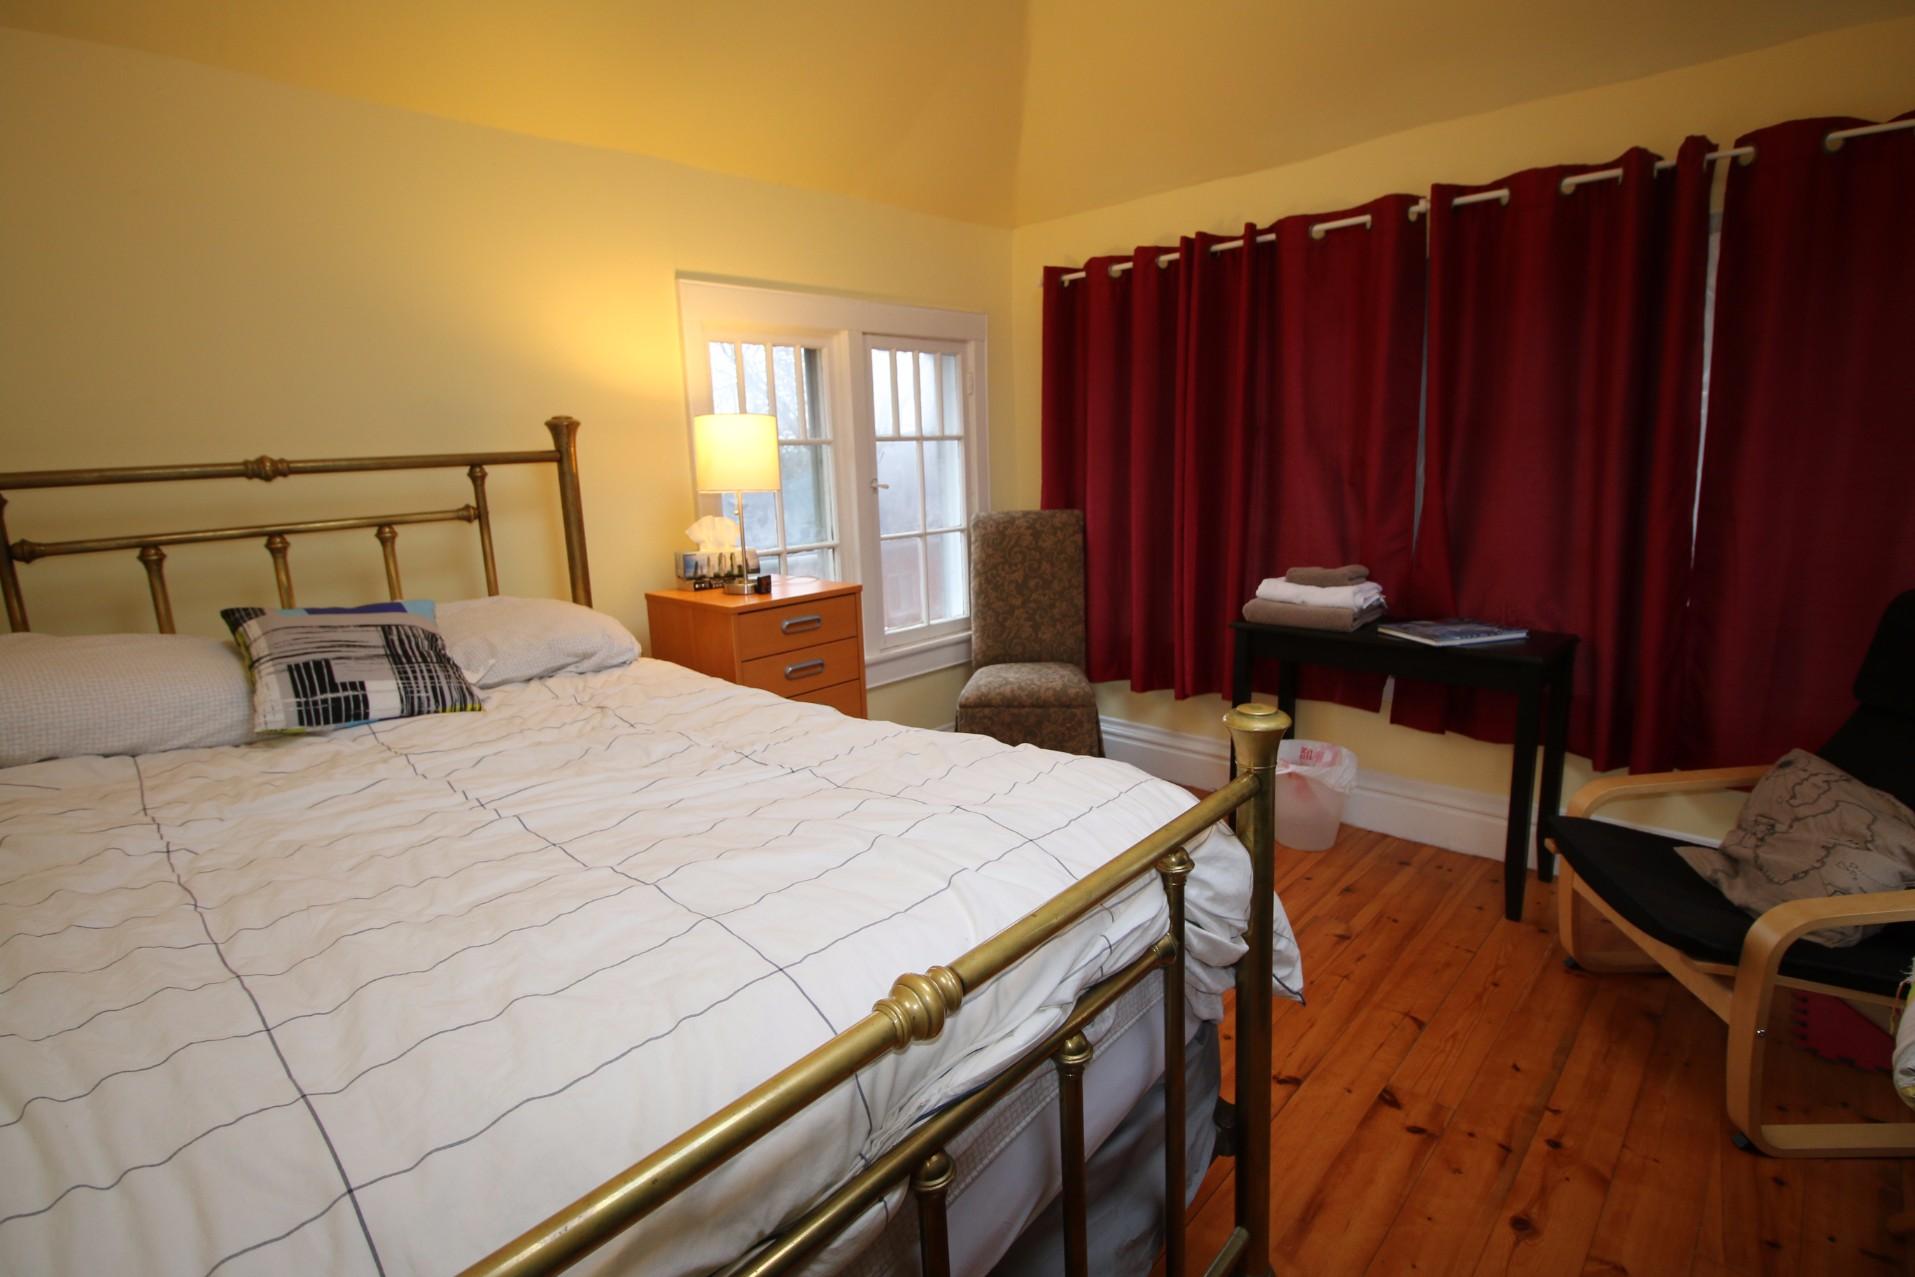 23 Peter Street South,Toronto,2 Bedrooms Bedrooms,1 BathroomBathrooms,House,Peter Street South,1023